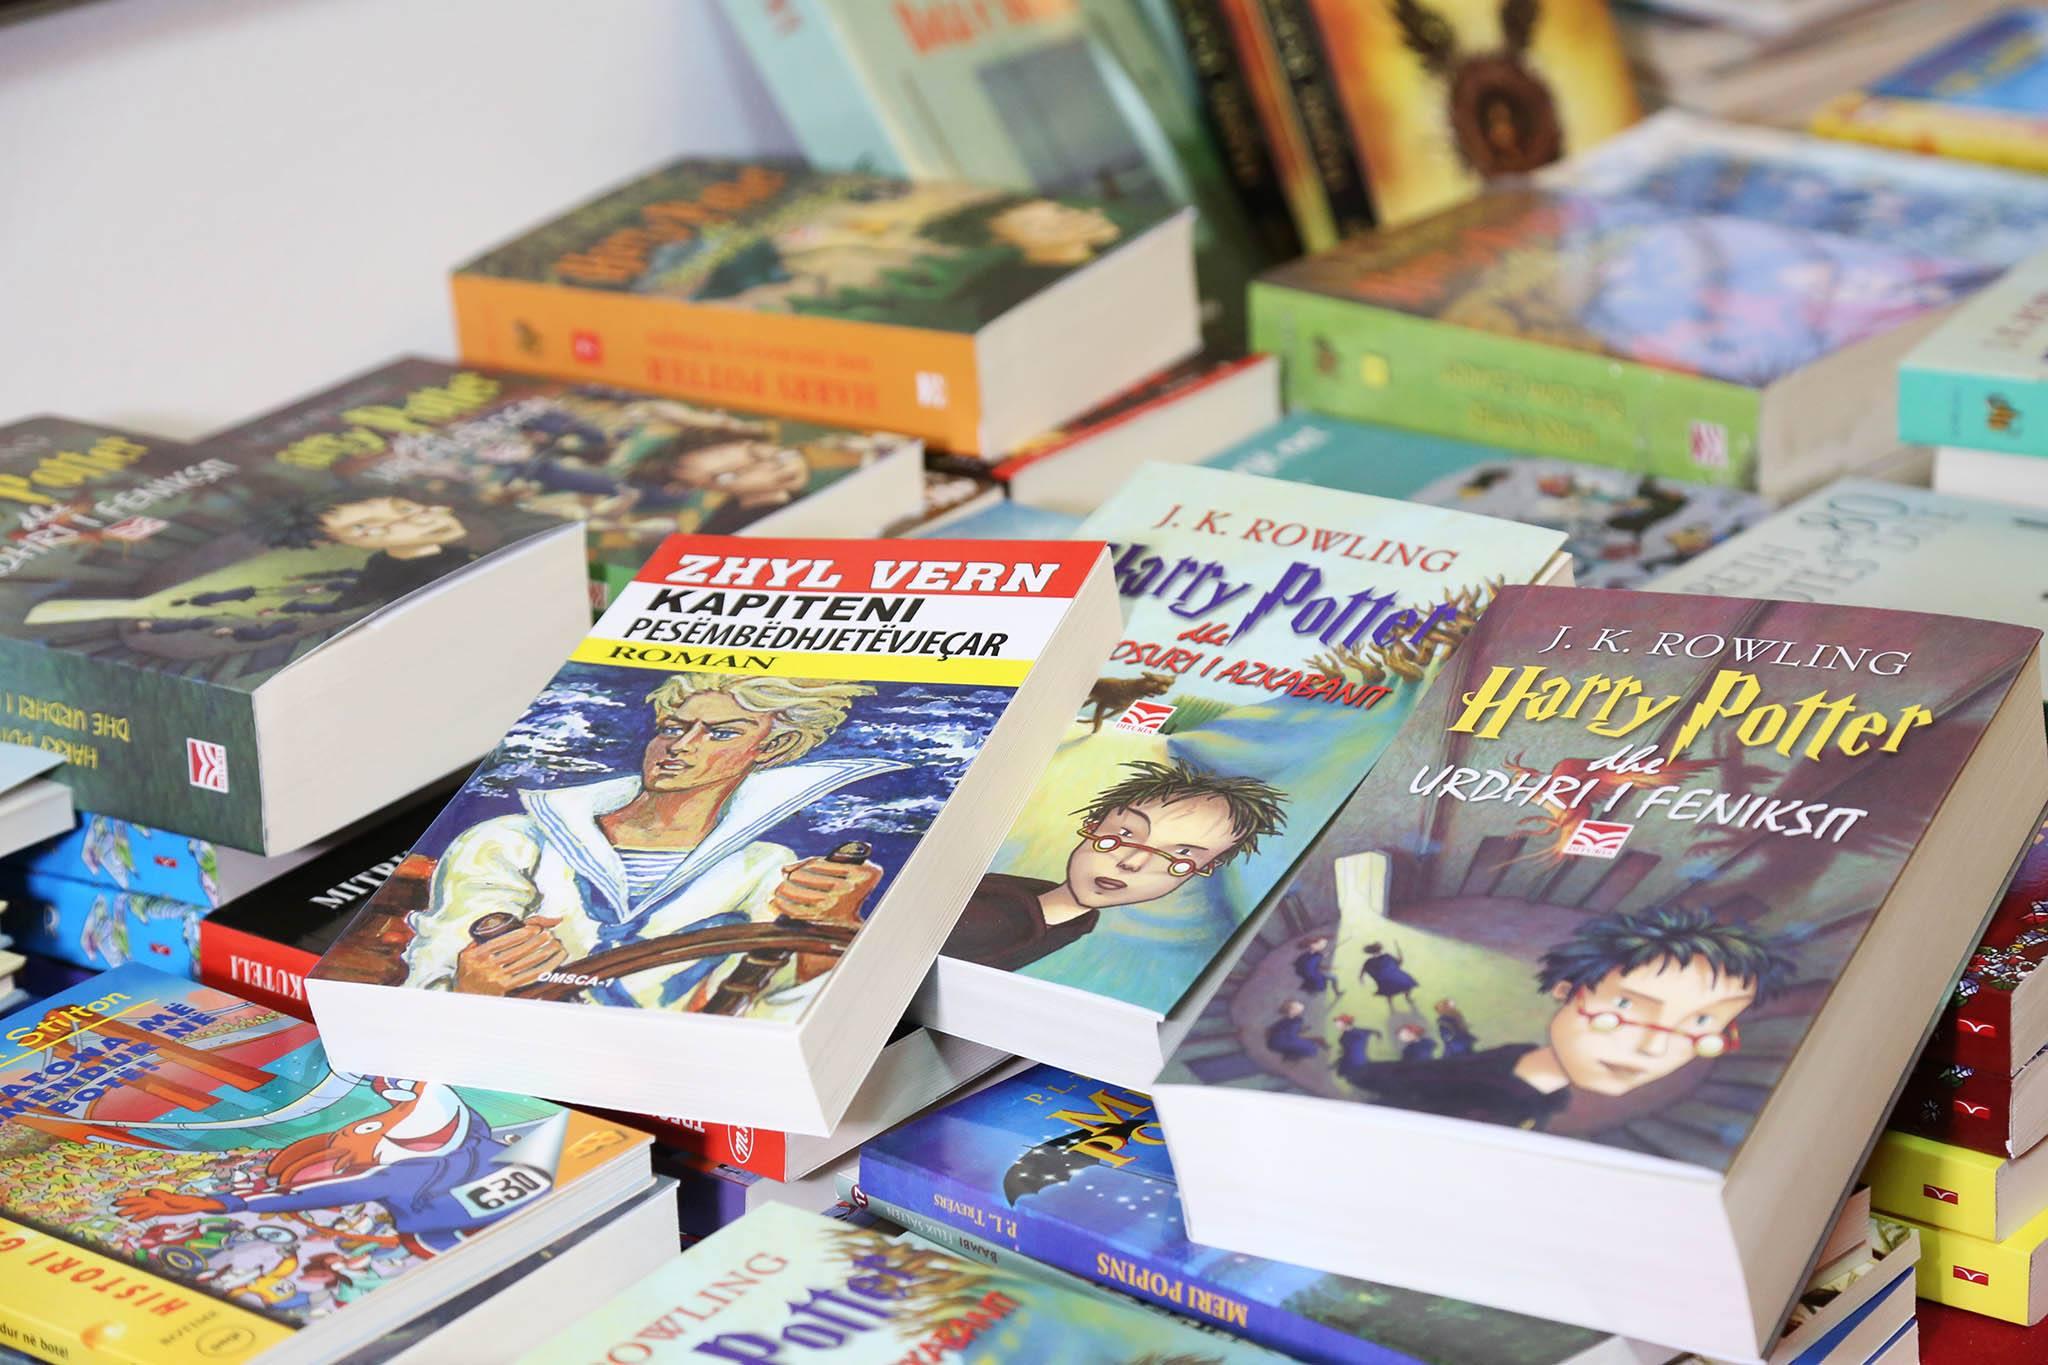 Librat e verës për fëmijët: Këta janë titujt që rekomandohen për t'u lexuar